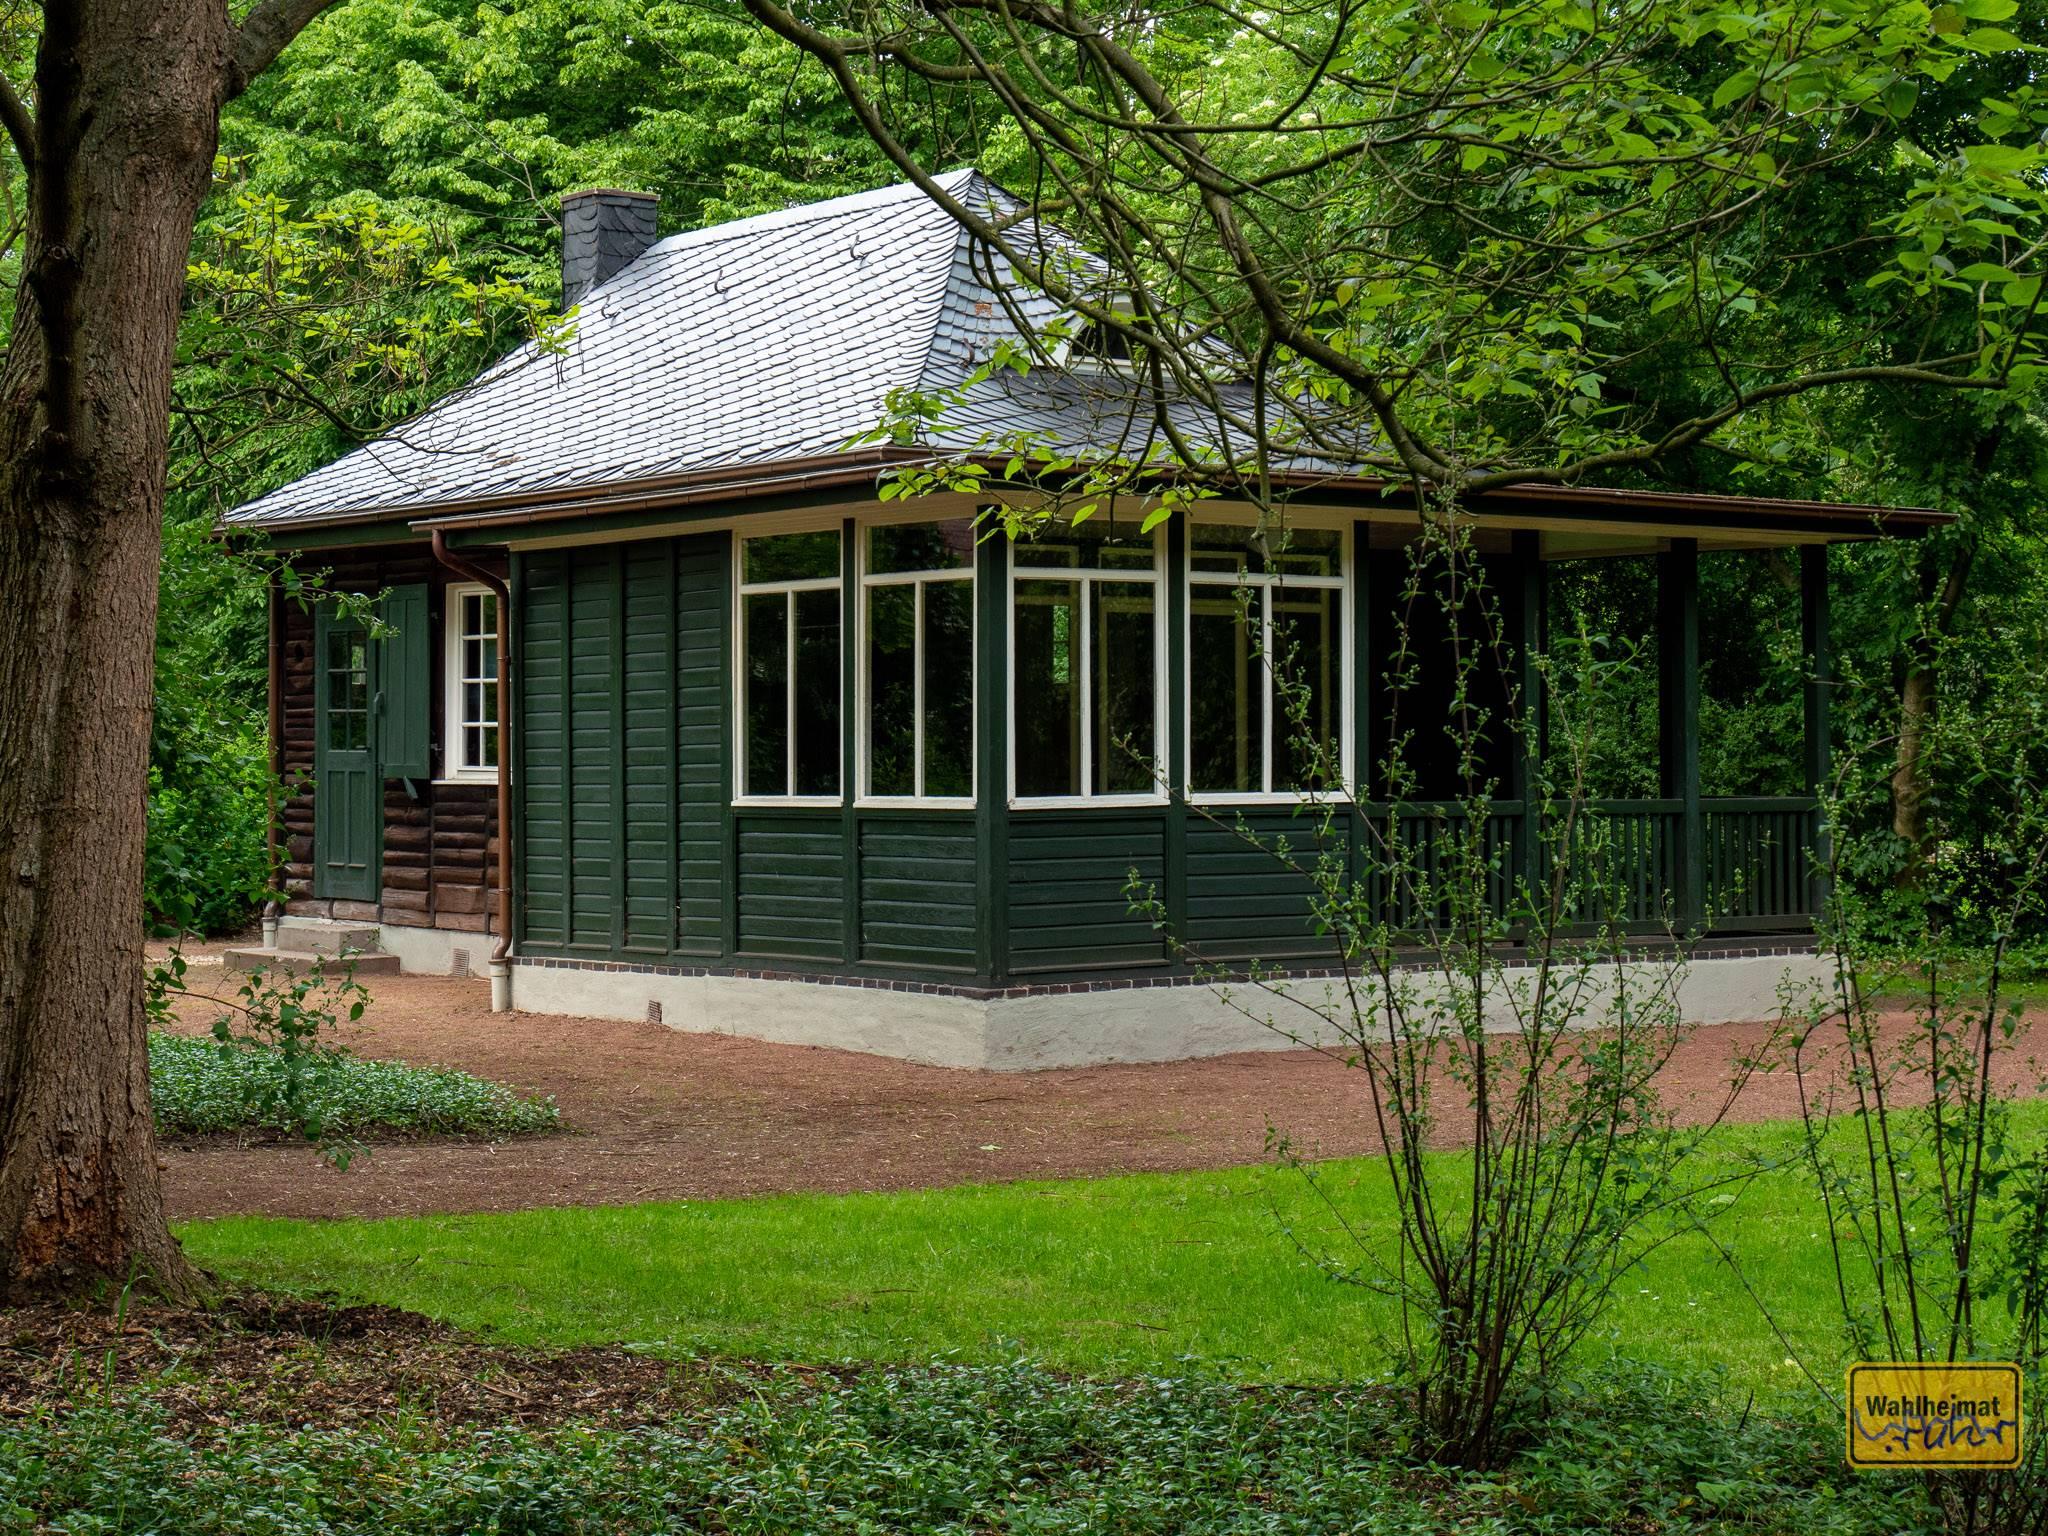 Noch bevor Haus Esters und Haus Lange fertiggestellt wurden, wurde ein erstes typisches Bauhaus-Haus hier aufgebaut: das Gartenhaus stammt aus den Werkstätten Dresden-Hellerau.